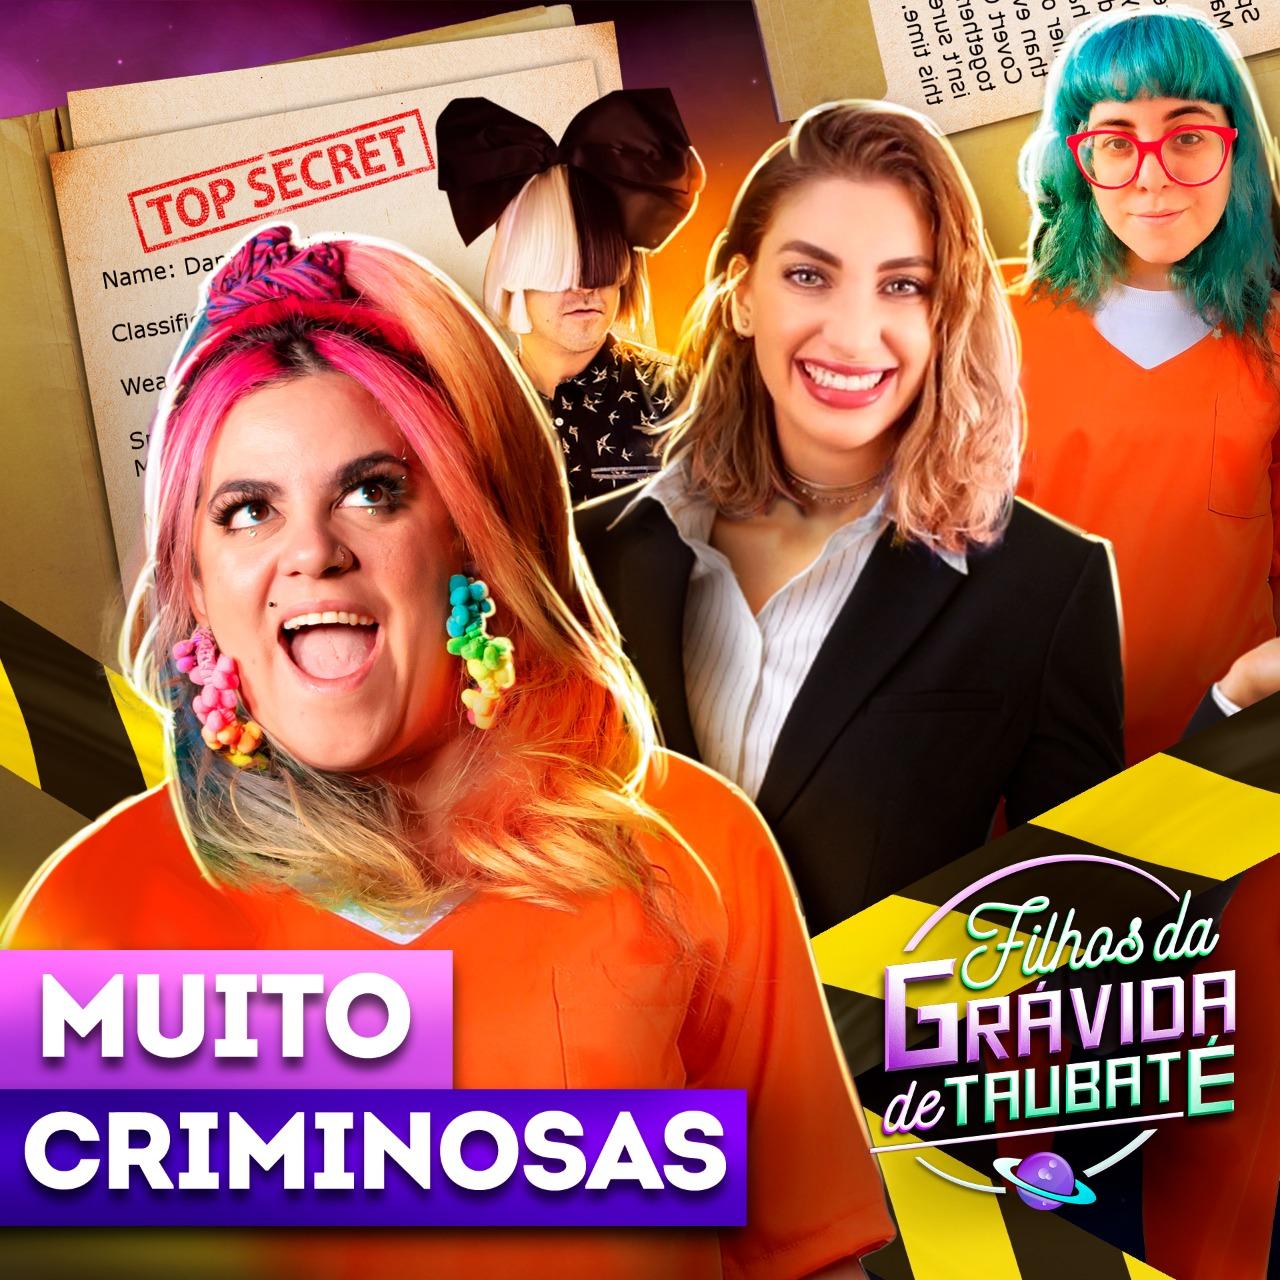 #130 - Muito criminosas! (feat. Carol Moreira e Mabê)